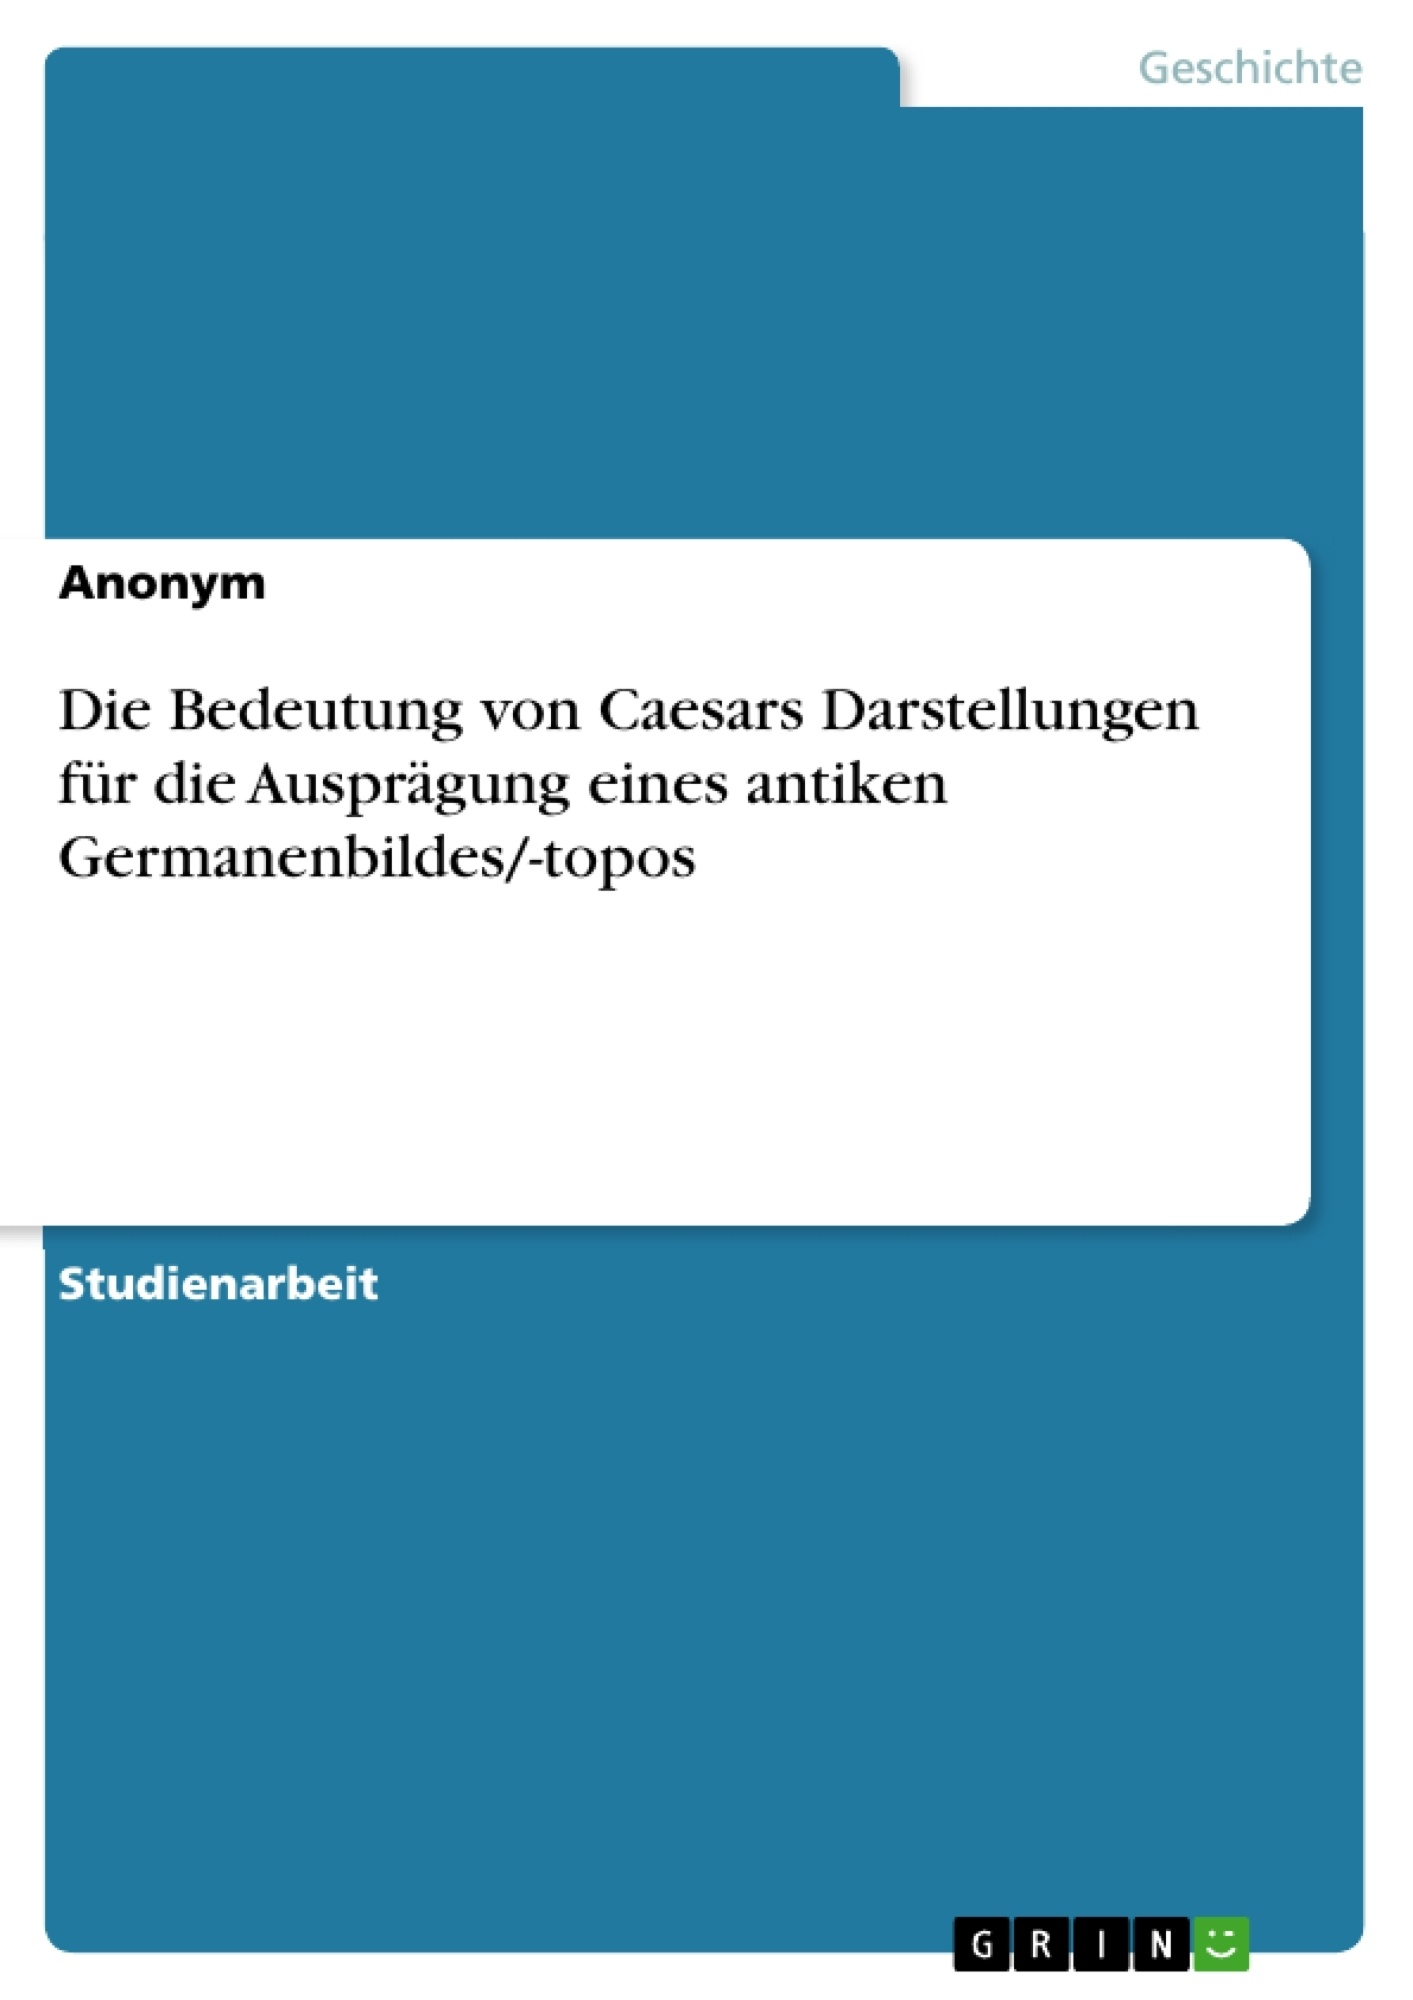 Titel: Die Bedeutung von Caesars Darstellungen für die Ausprägung eines antiken Germanenbildes/-topos